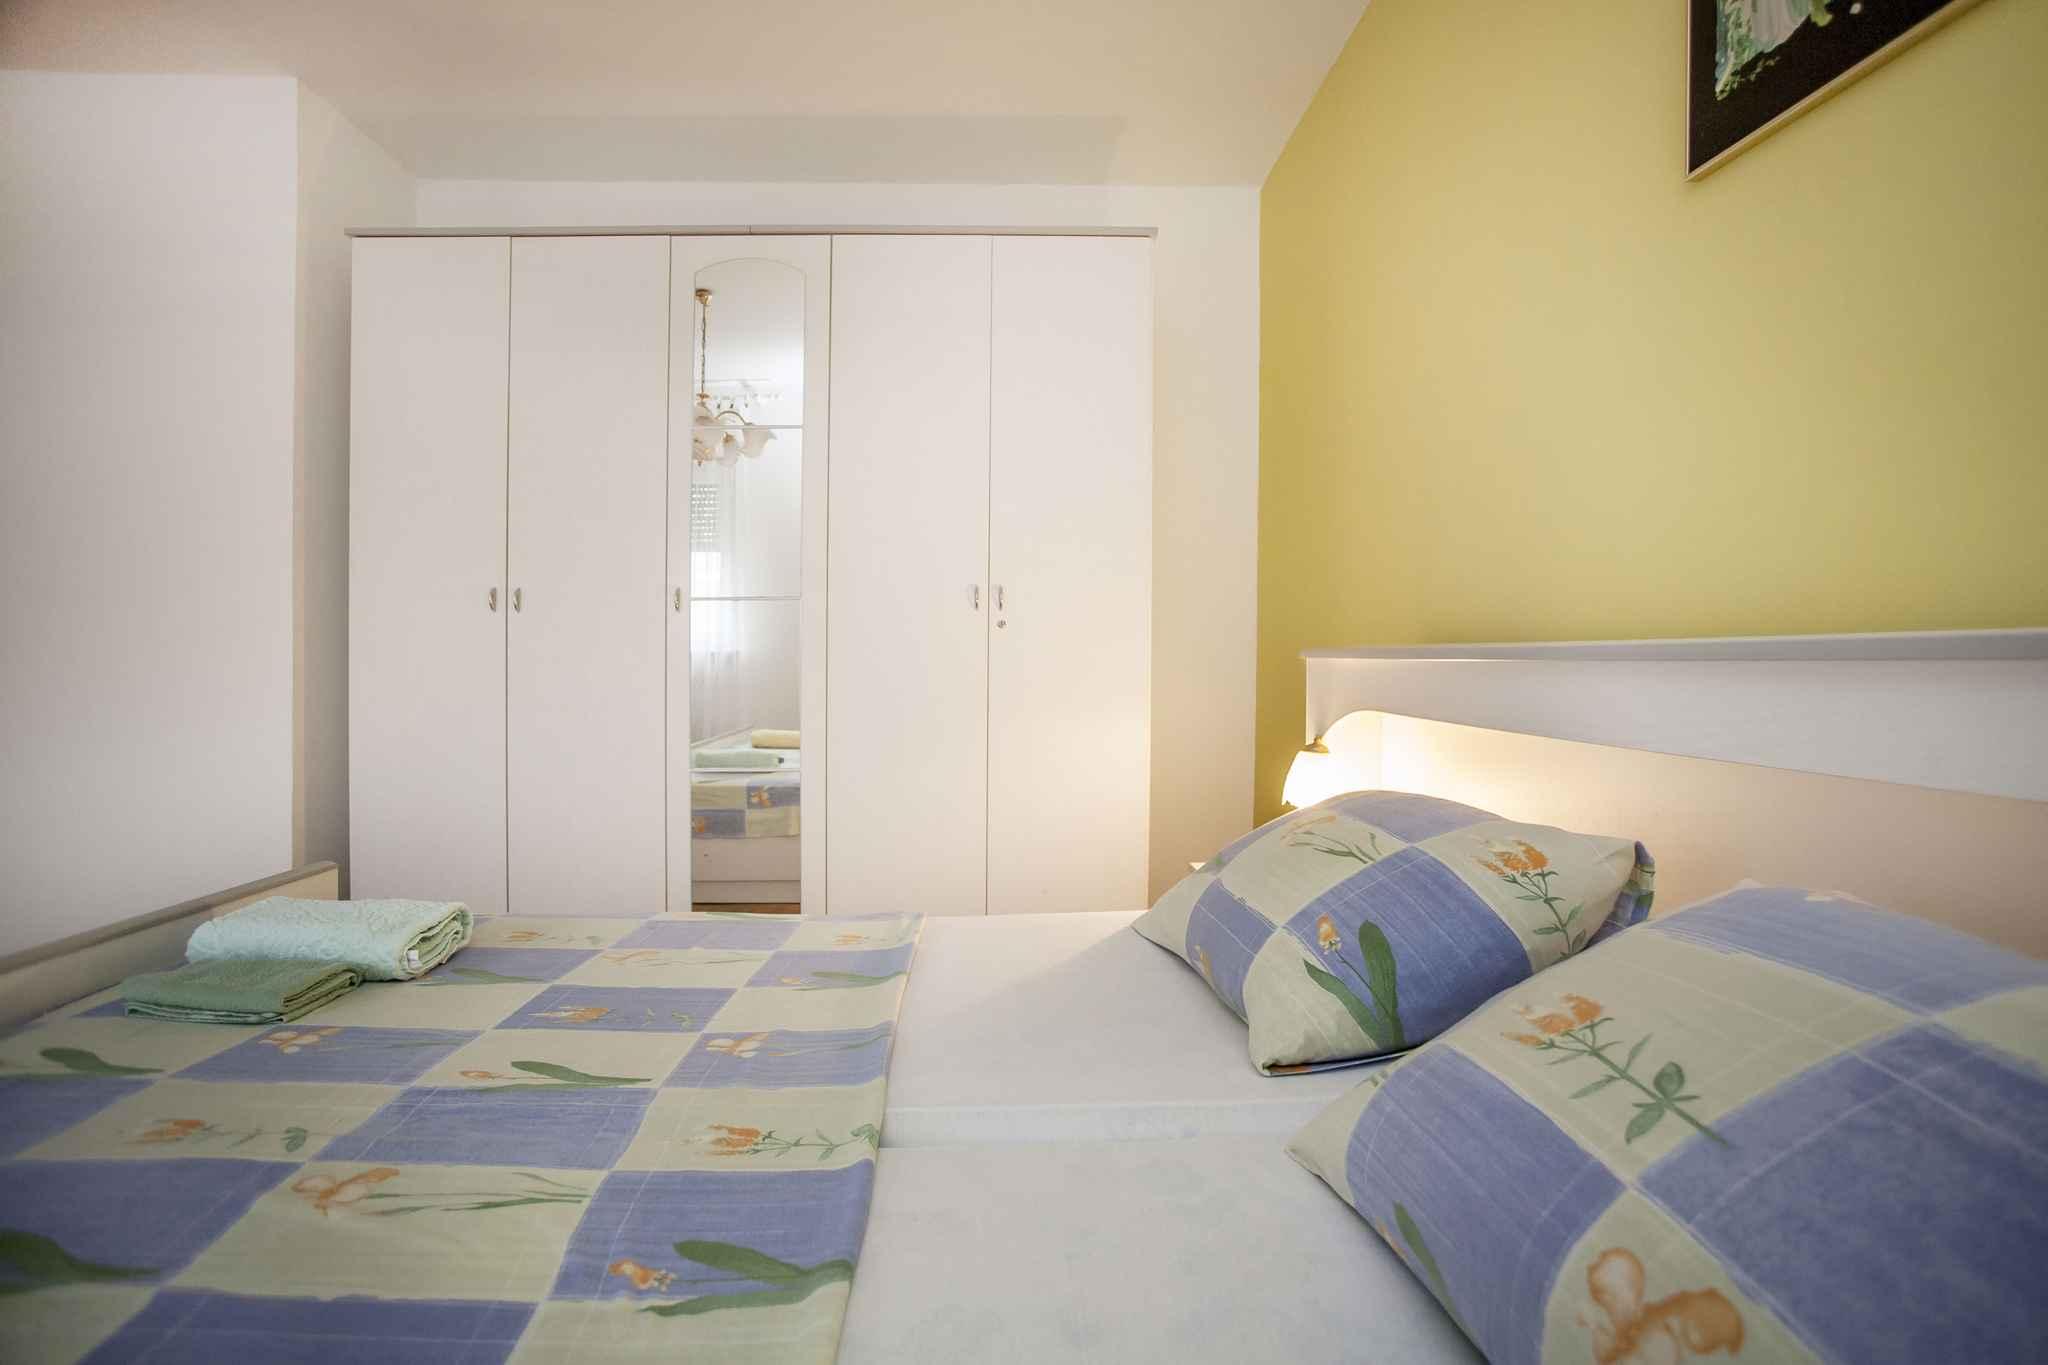 Ferienwohnung mit Balkon und Klimaanlage (281002), Rovinj, , Istrien, Kroatien, Bild 19